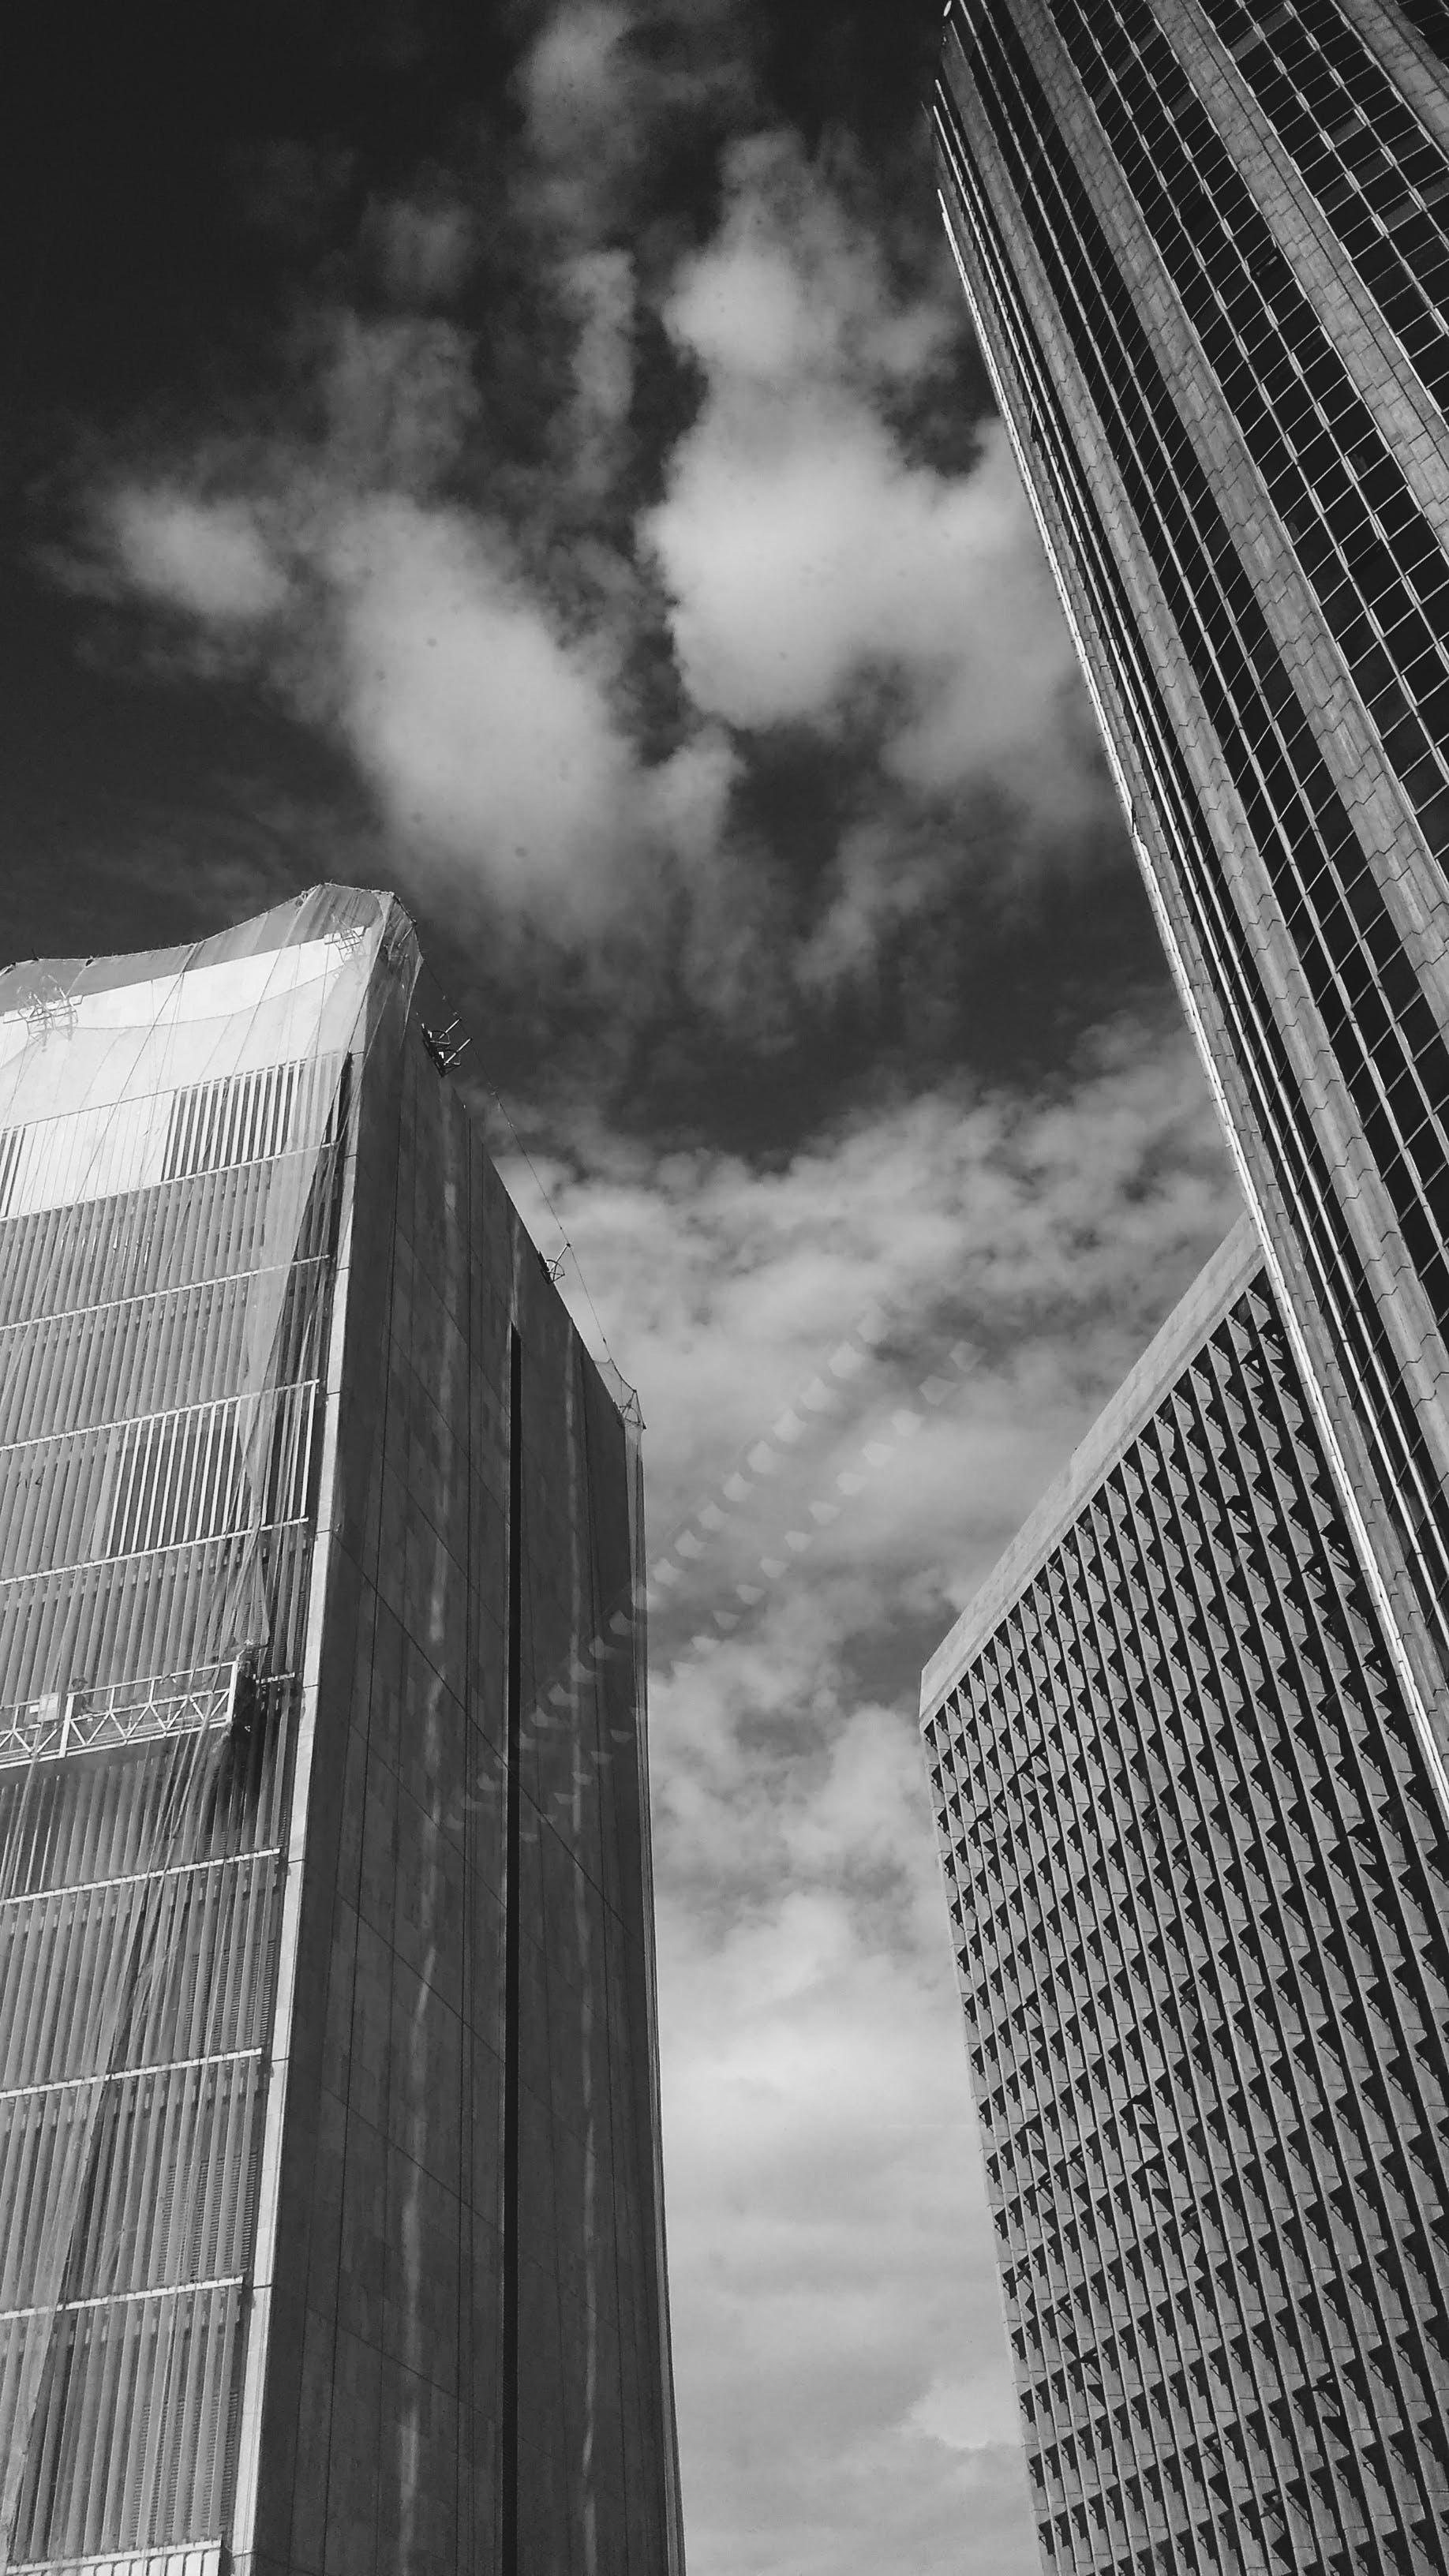 シティ, タワー, ダウンタウン, モバイルチャレンジの無料の写真素材